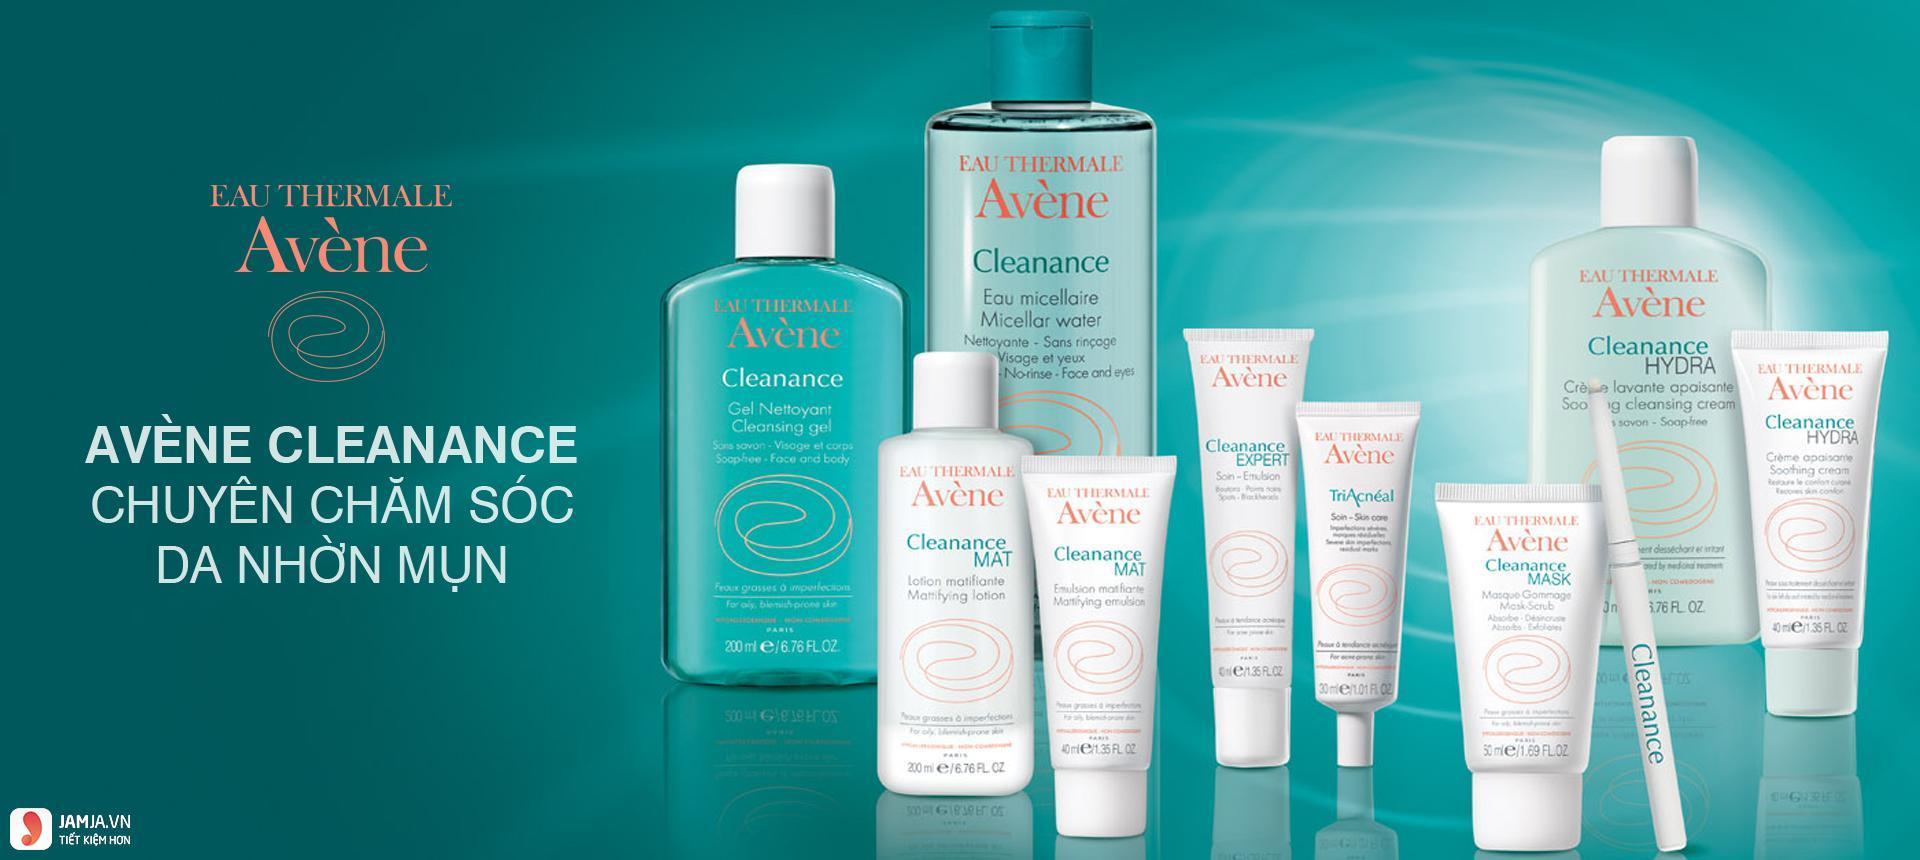 thương hiệu mỹ phẩm Avène